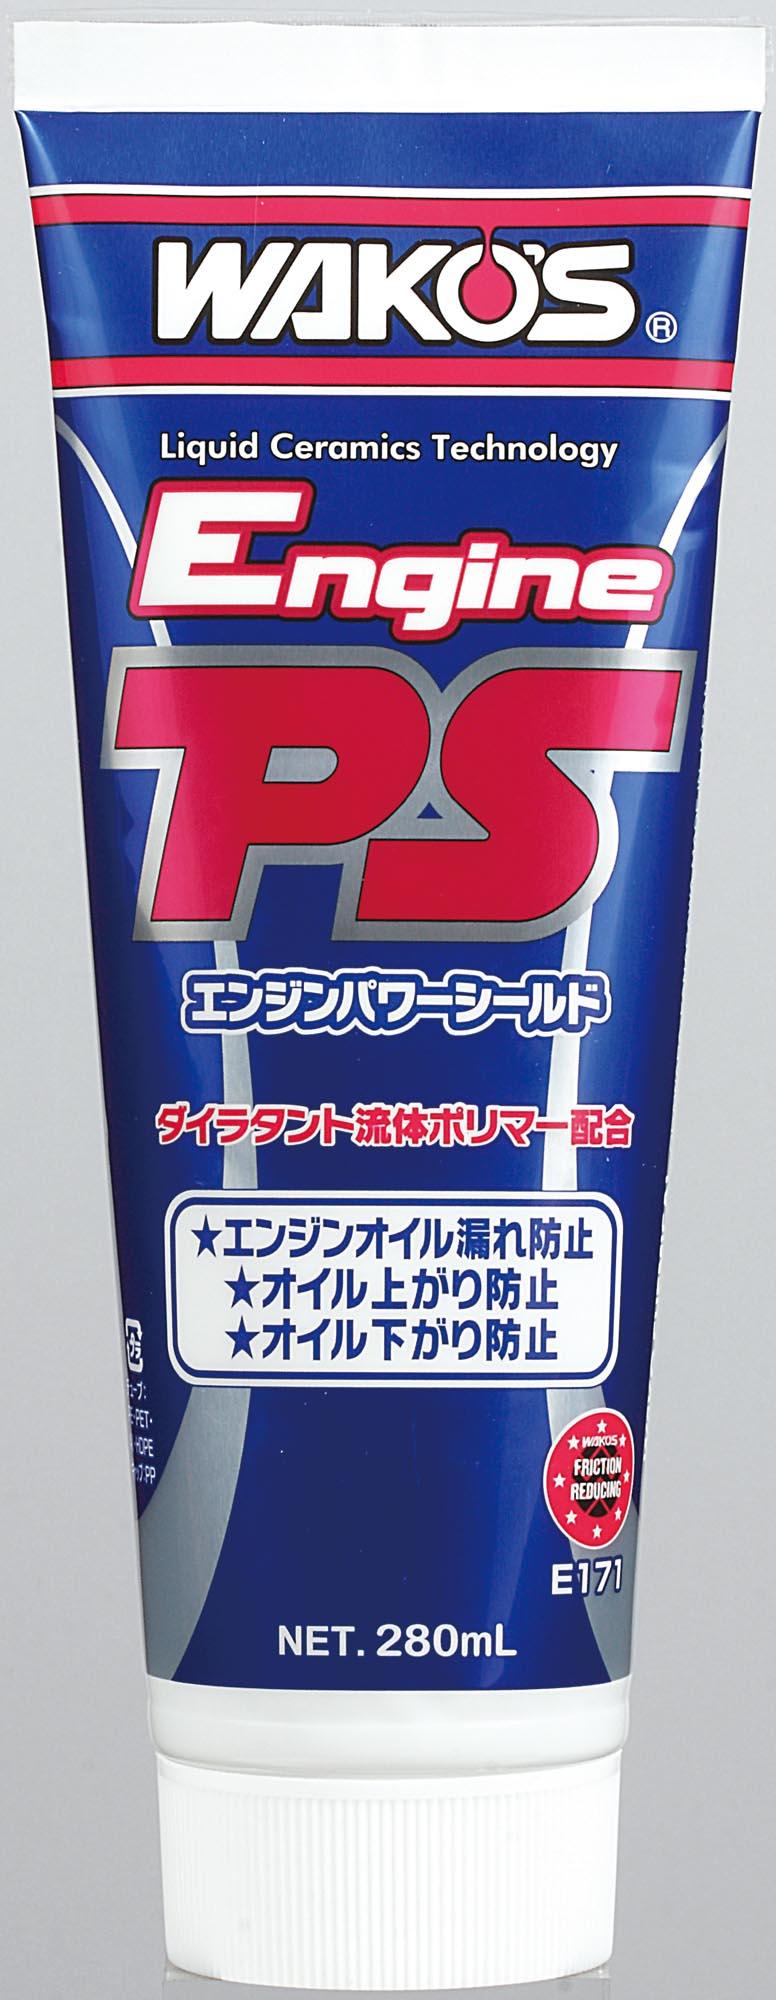 【エンジンオイル添加剤をモデルチェンジして新発売】 『エンジンパワーシールド発売』